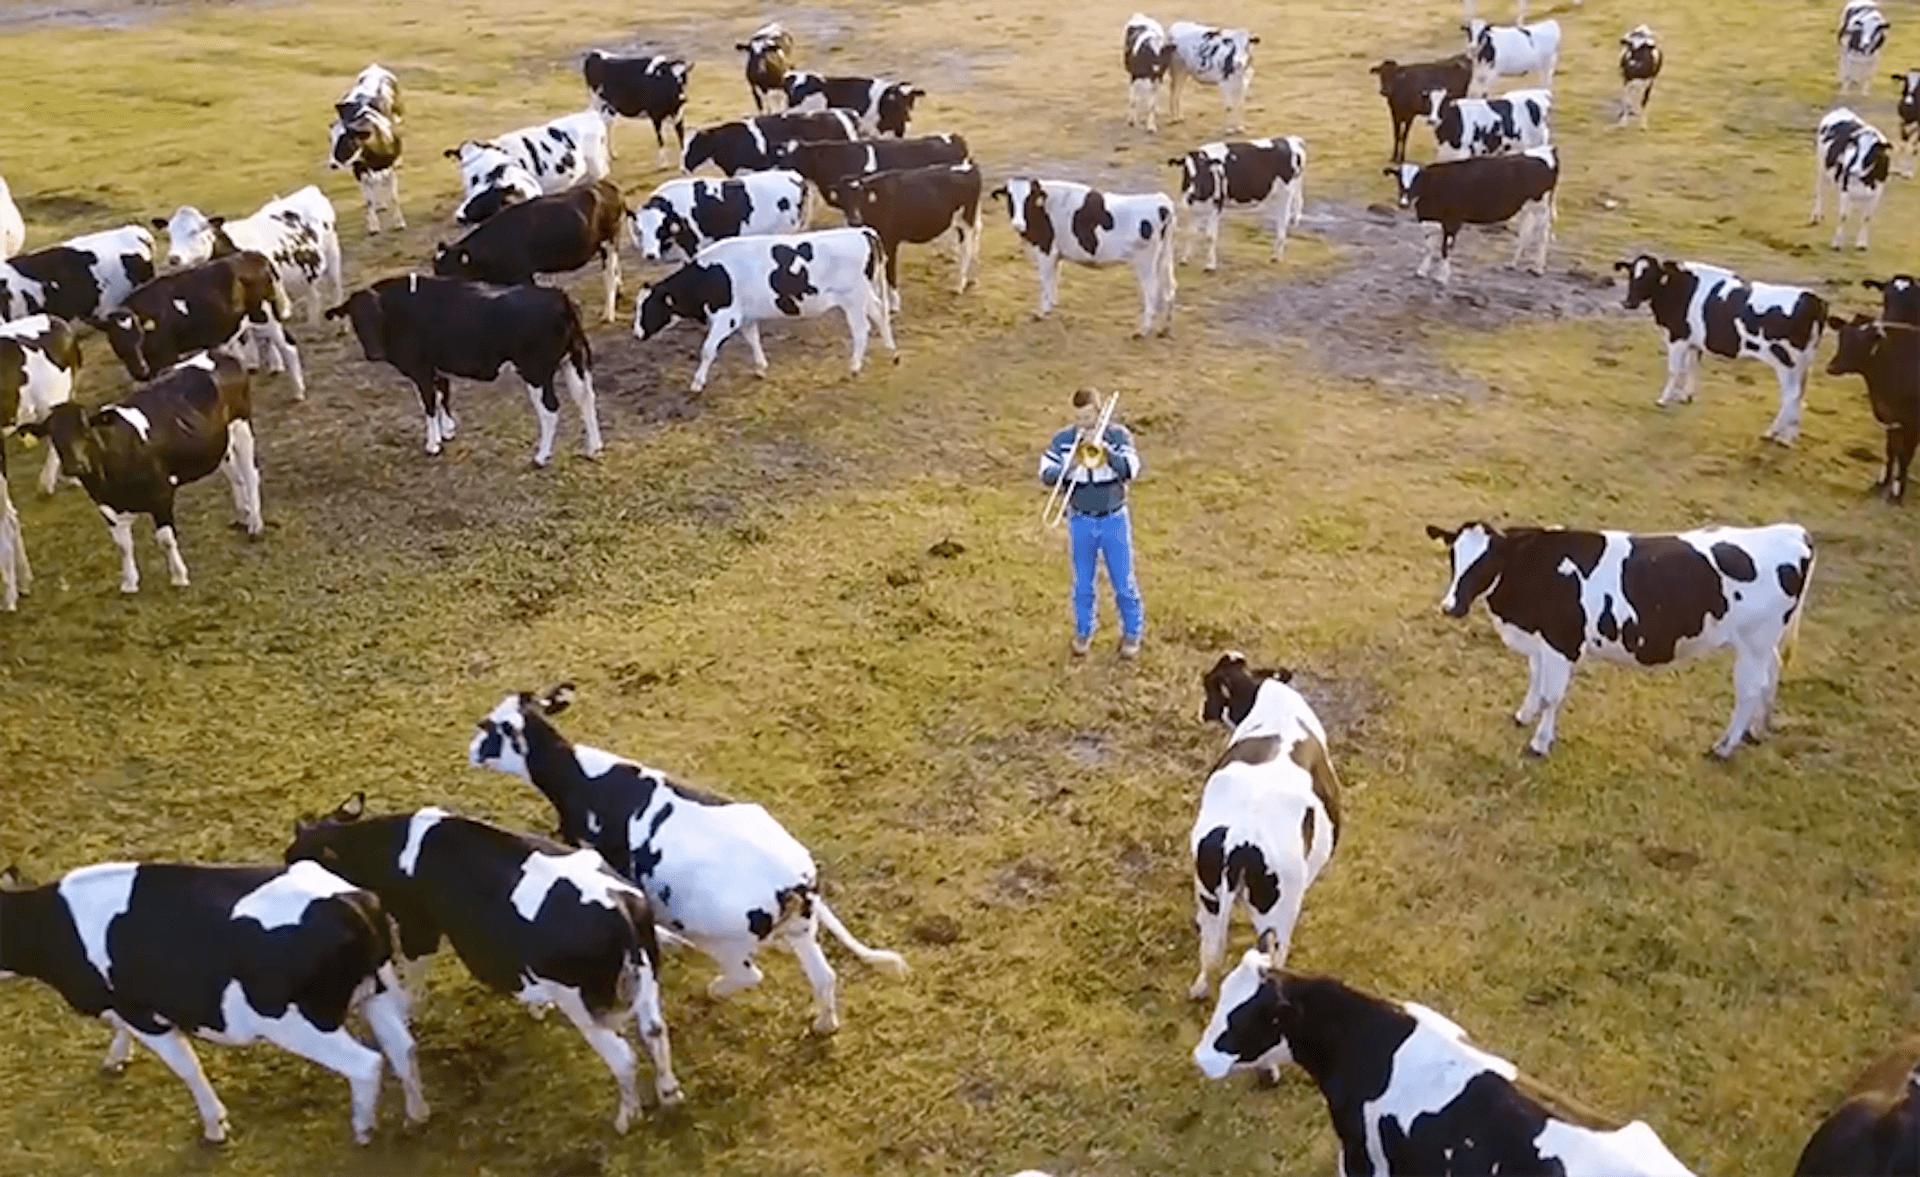 牛のためだけに吹くJAZZ。牧場に響くトロンボーンと、寄り添い集まって聴く大群の牛